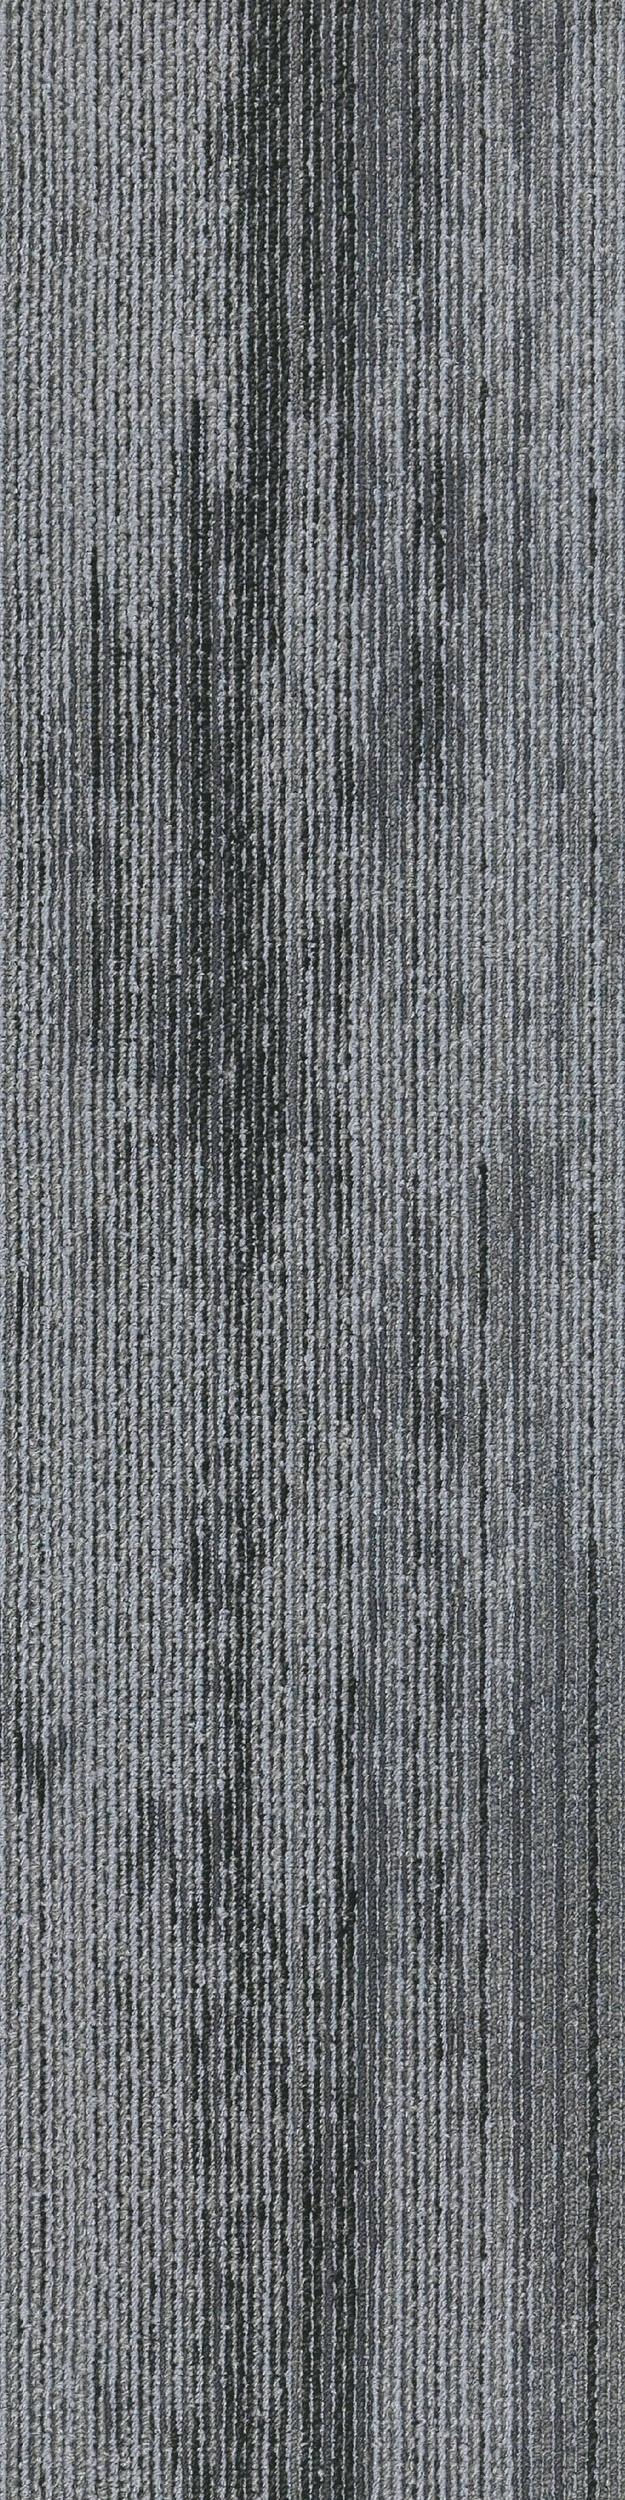 Forest Floor_884 008_100x25_RGB.jpg